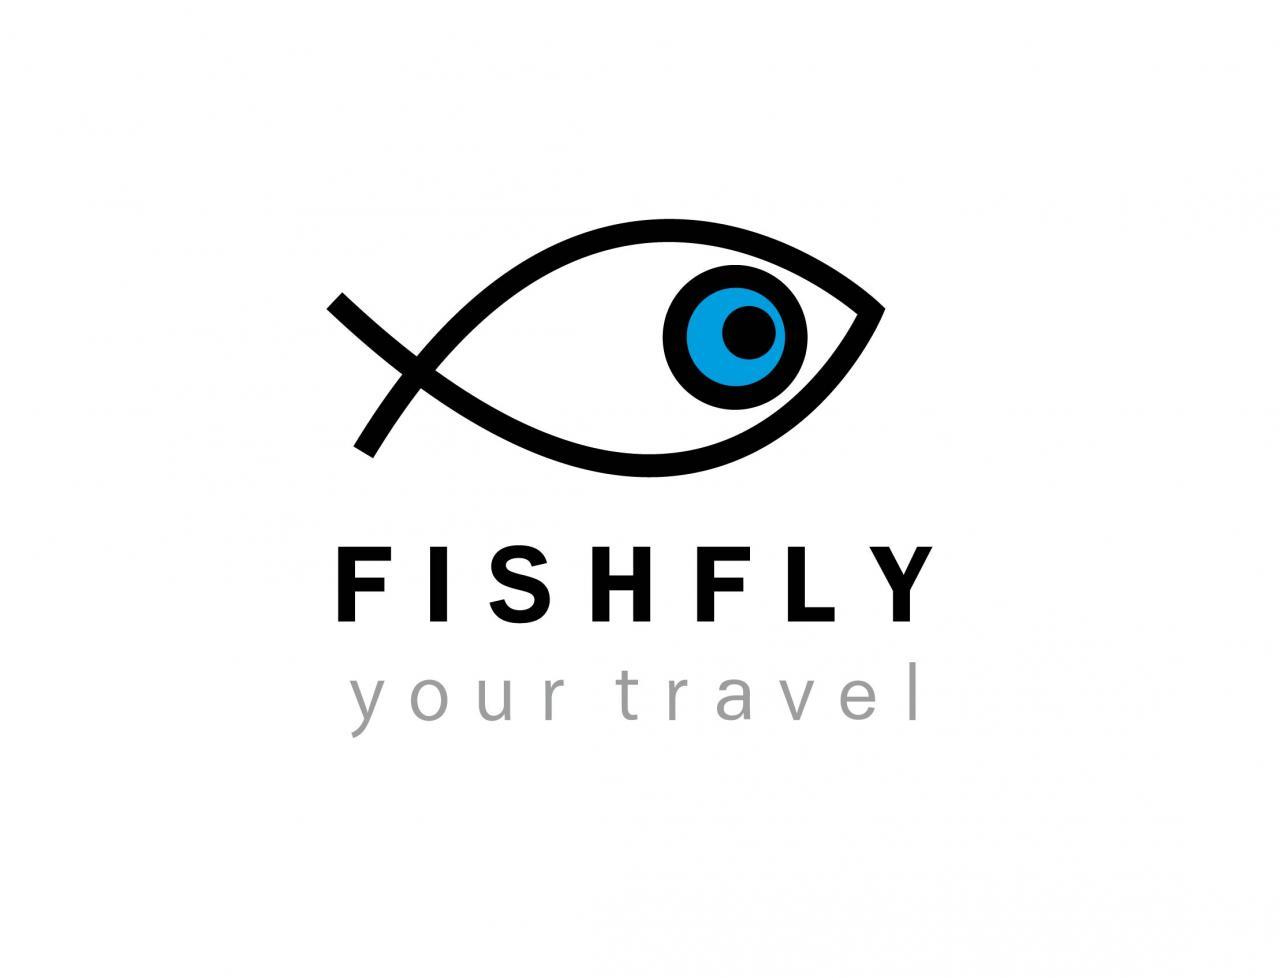 Нажмите на изображение для увеличения.  Название:Fishfly.jpg Просмотров:288 Размер:40.3 Кб ID:427523